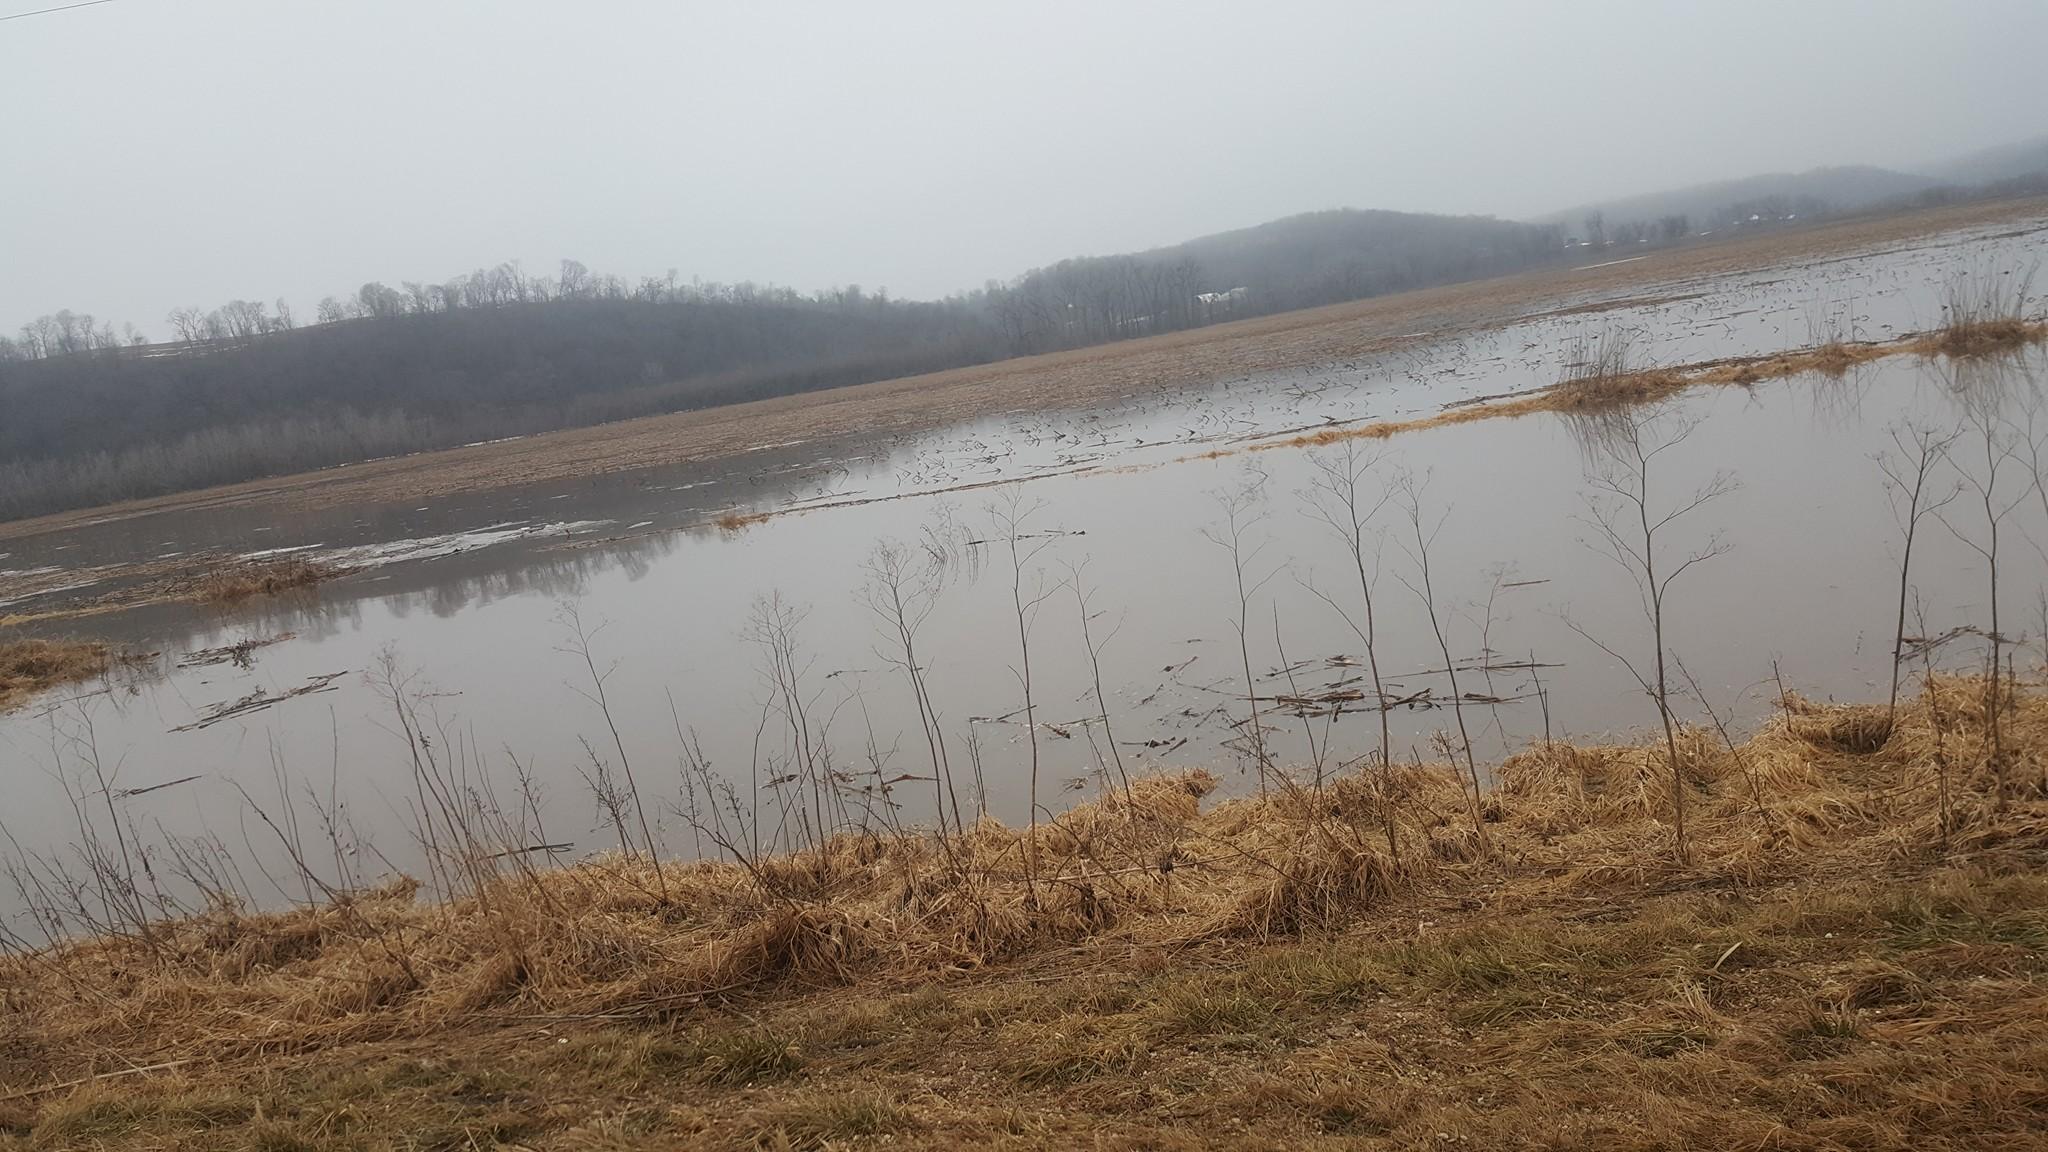 Water in fields near Millville from ice jam on Turkey River